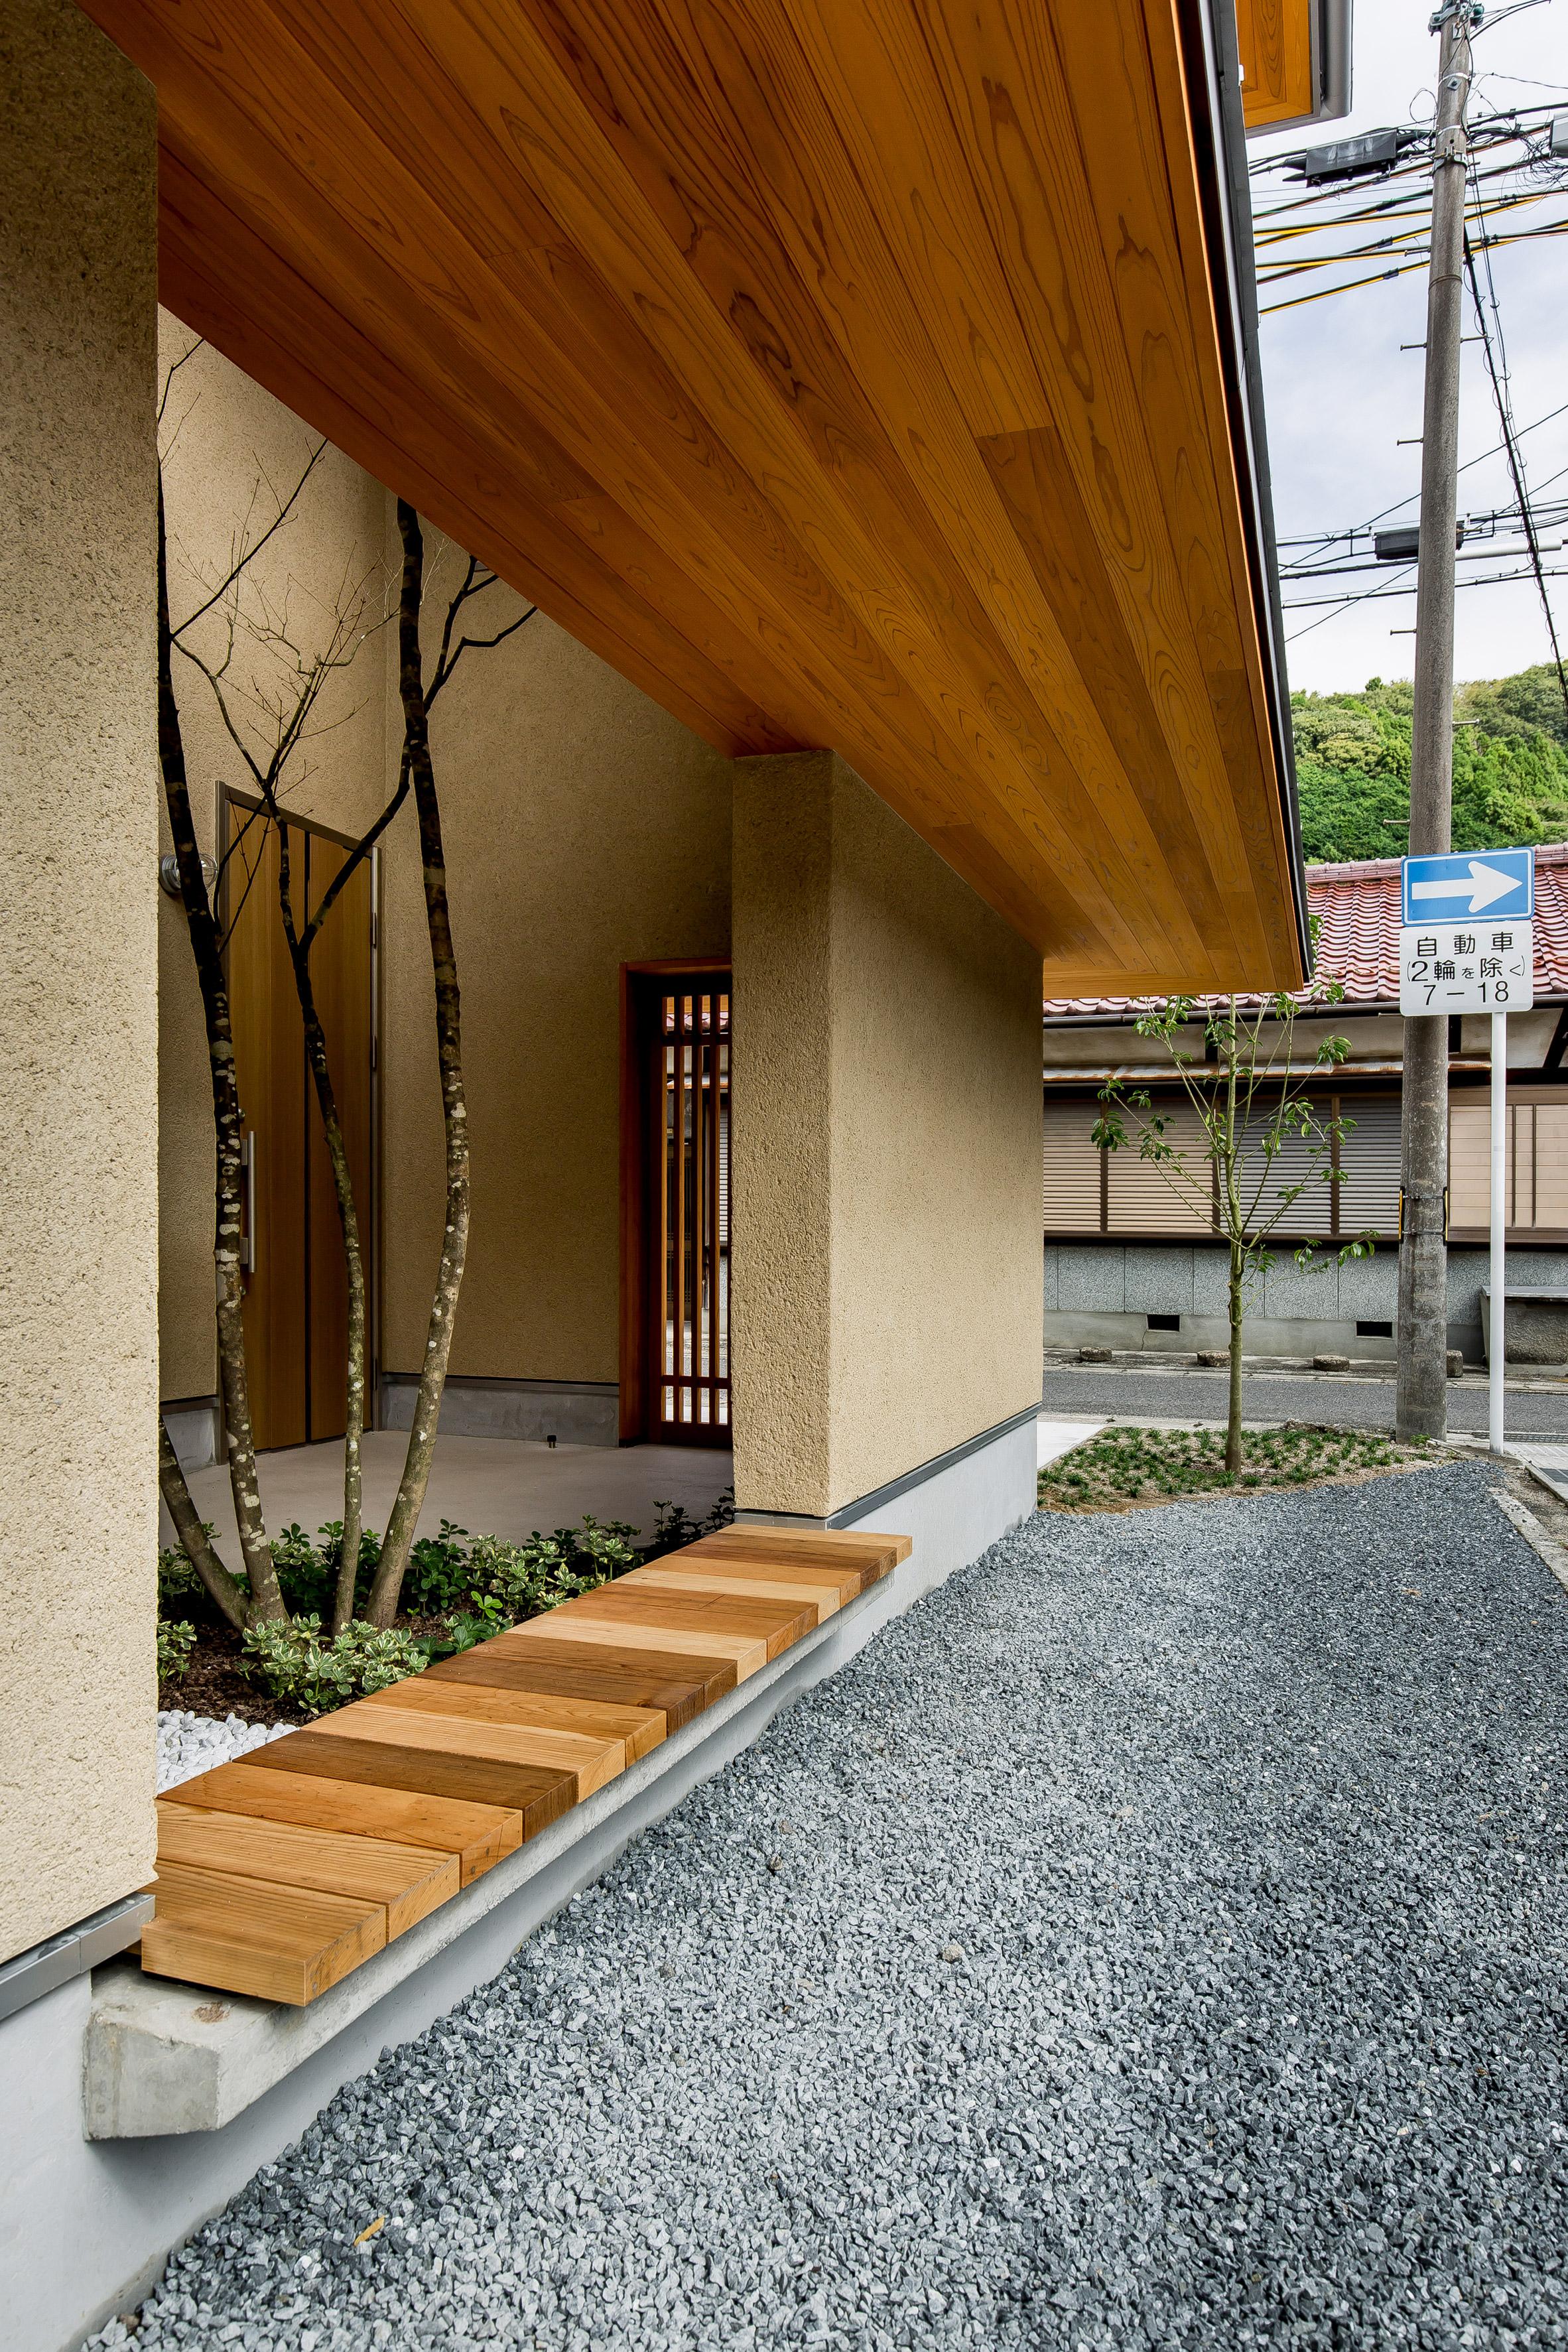 Ngôi nhà có khoảng sân vườn thiết kế nghệ thuật giúp từng góc nhỏ bên trong đều đẹp như tranh vẽ - Ảnh 6.